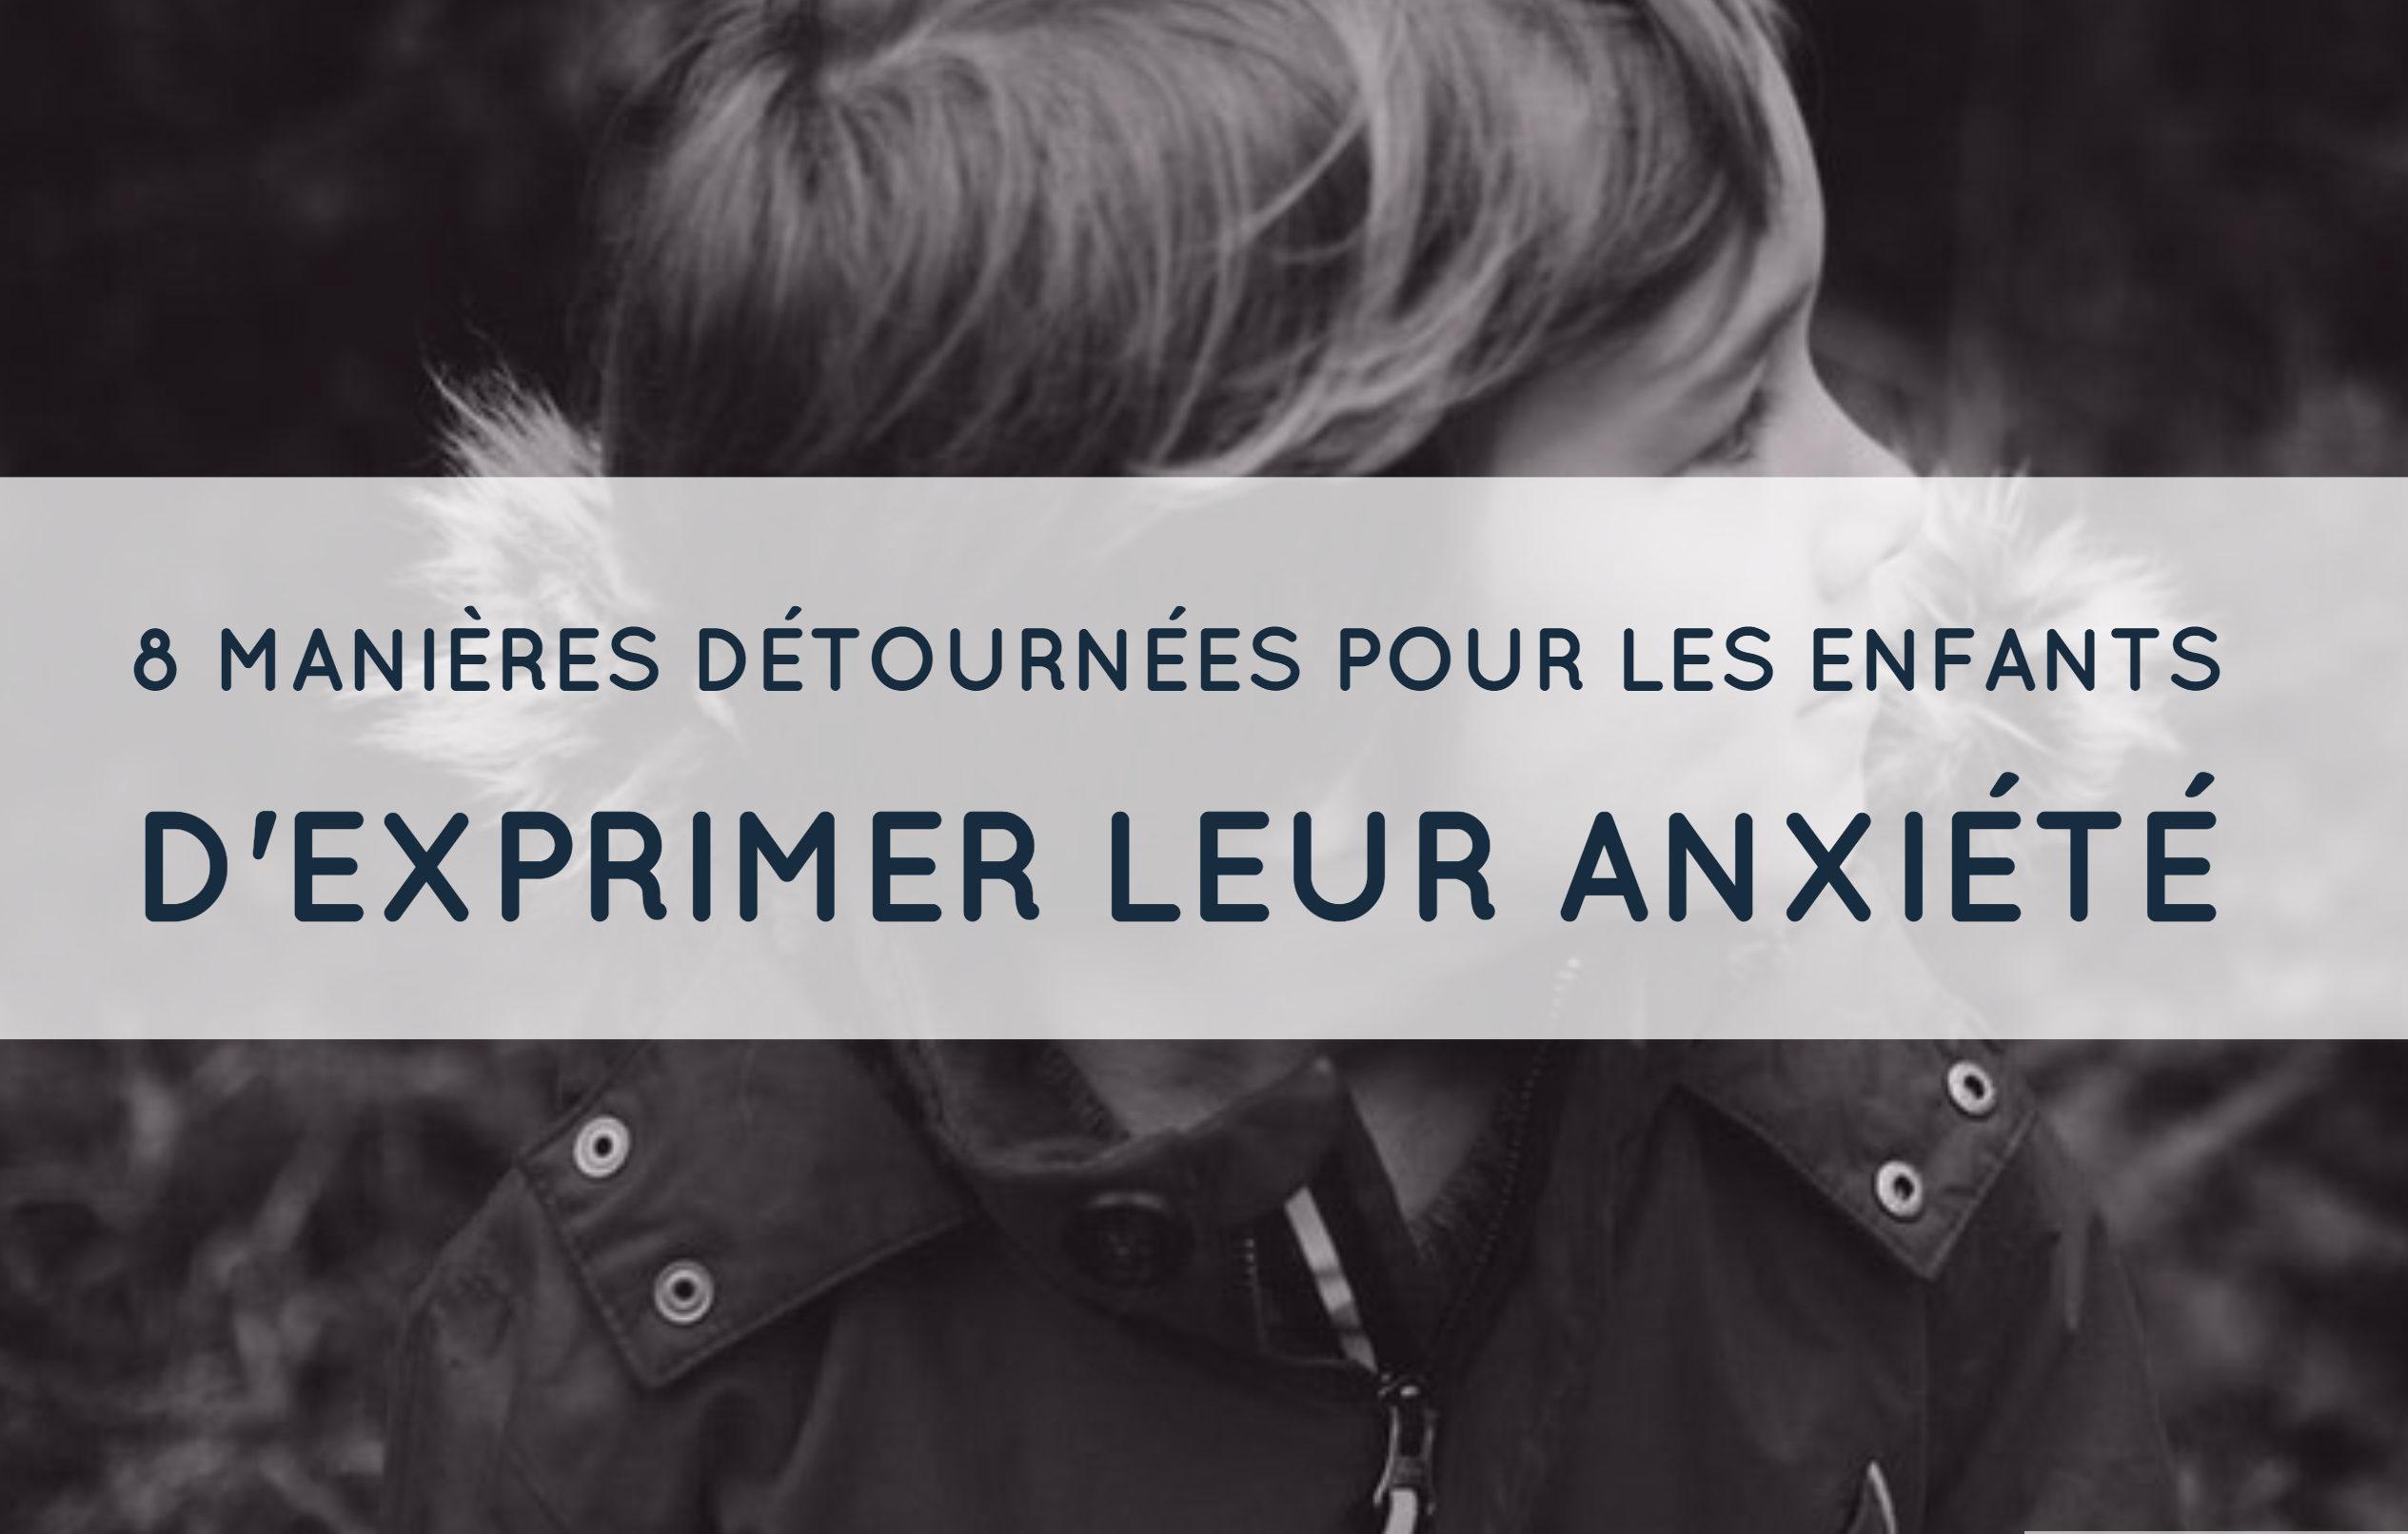 manières détournées pour les enfants d'exprimer leur anxiété